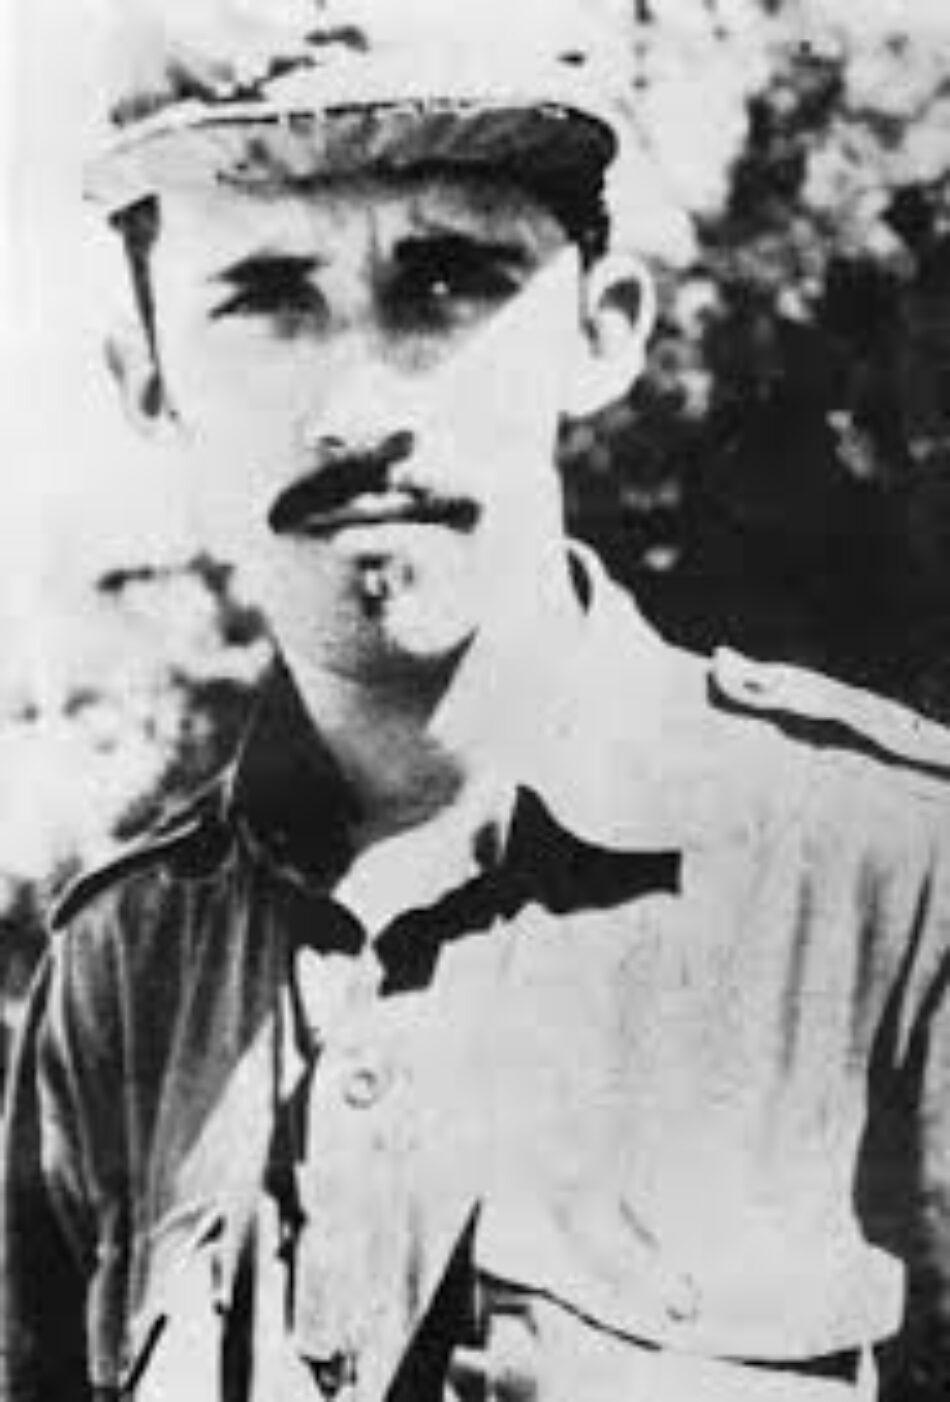 Crónicas de la Revolución Cubana: los hermanos Ameijeiras